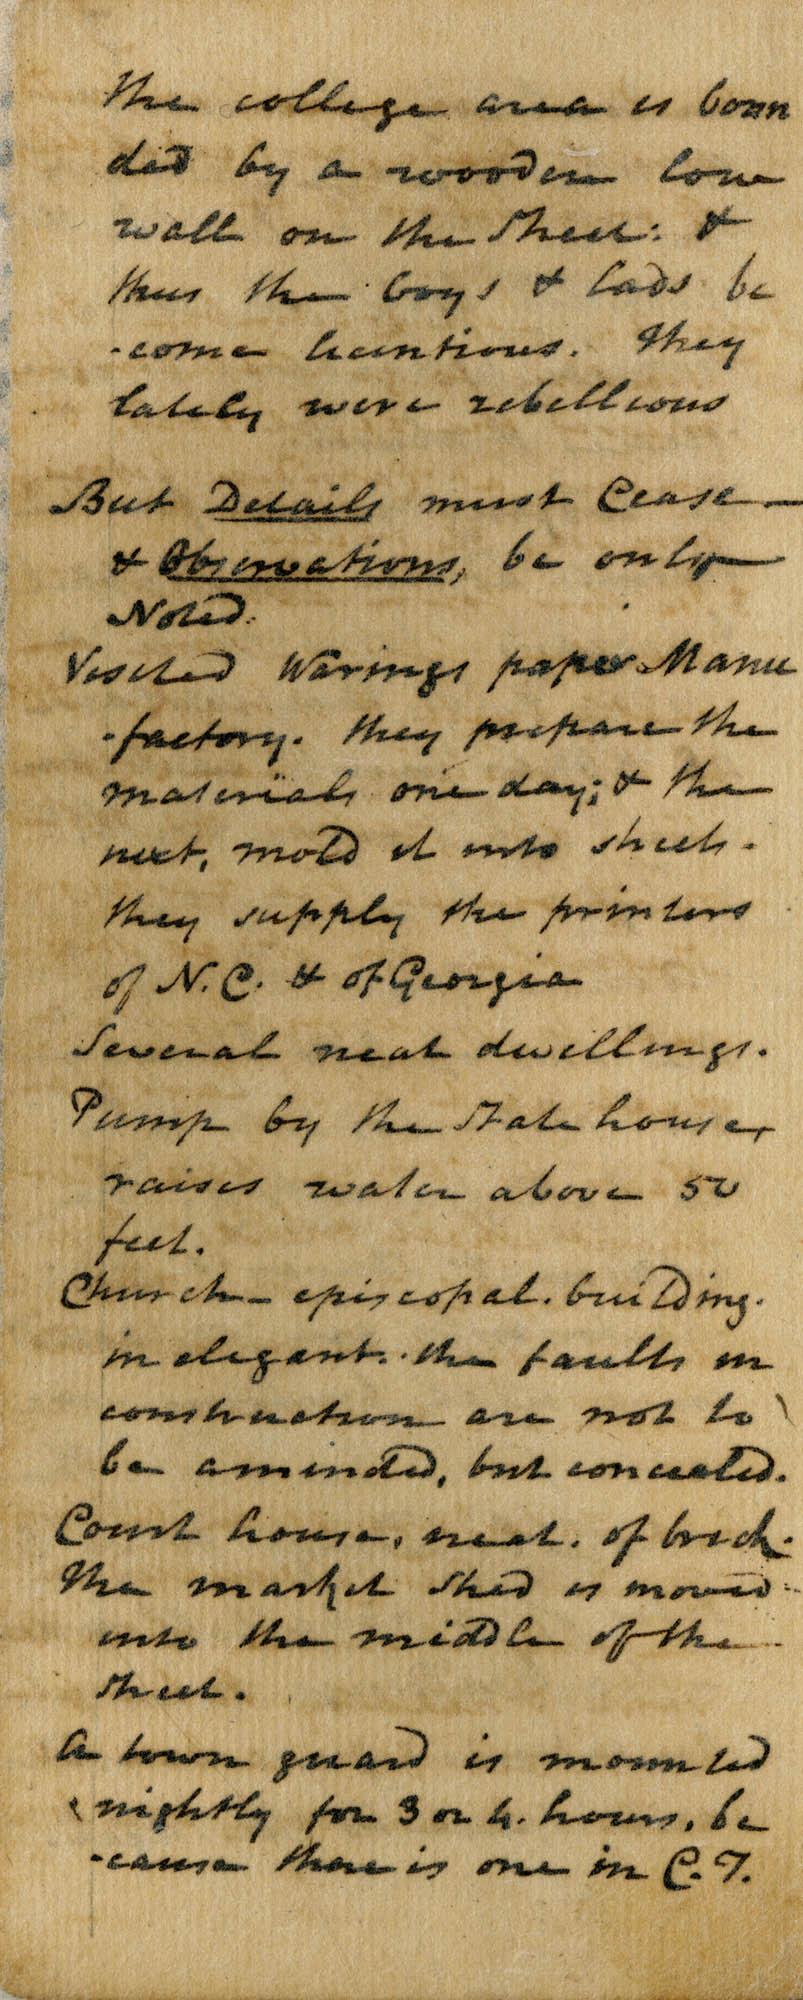 Diary of Charles Drayton, 1814 page 8